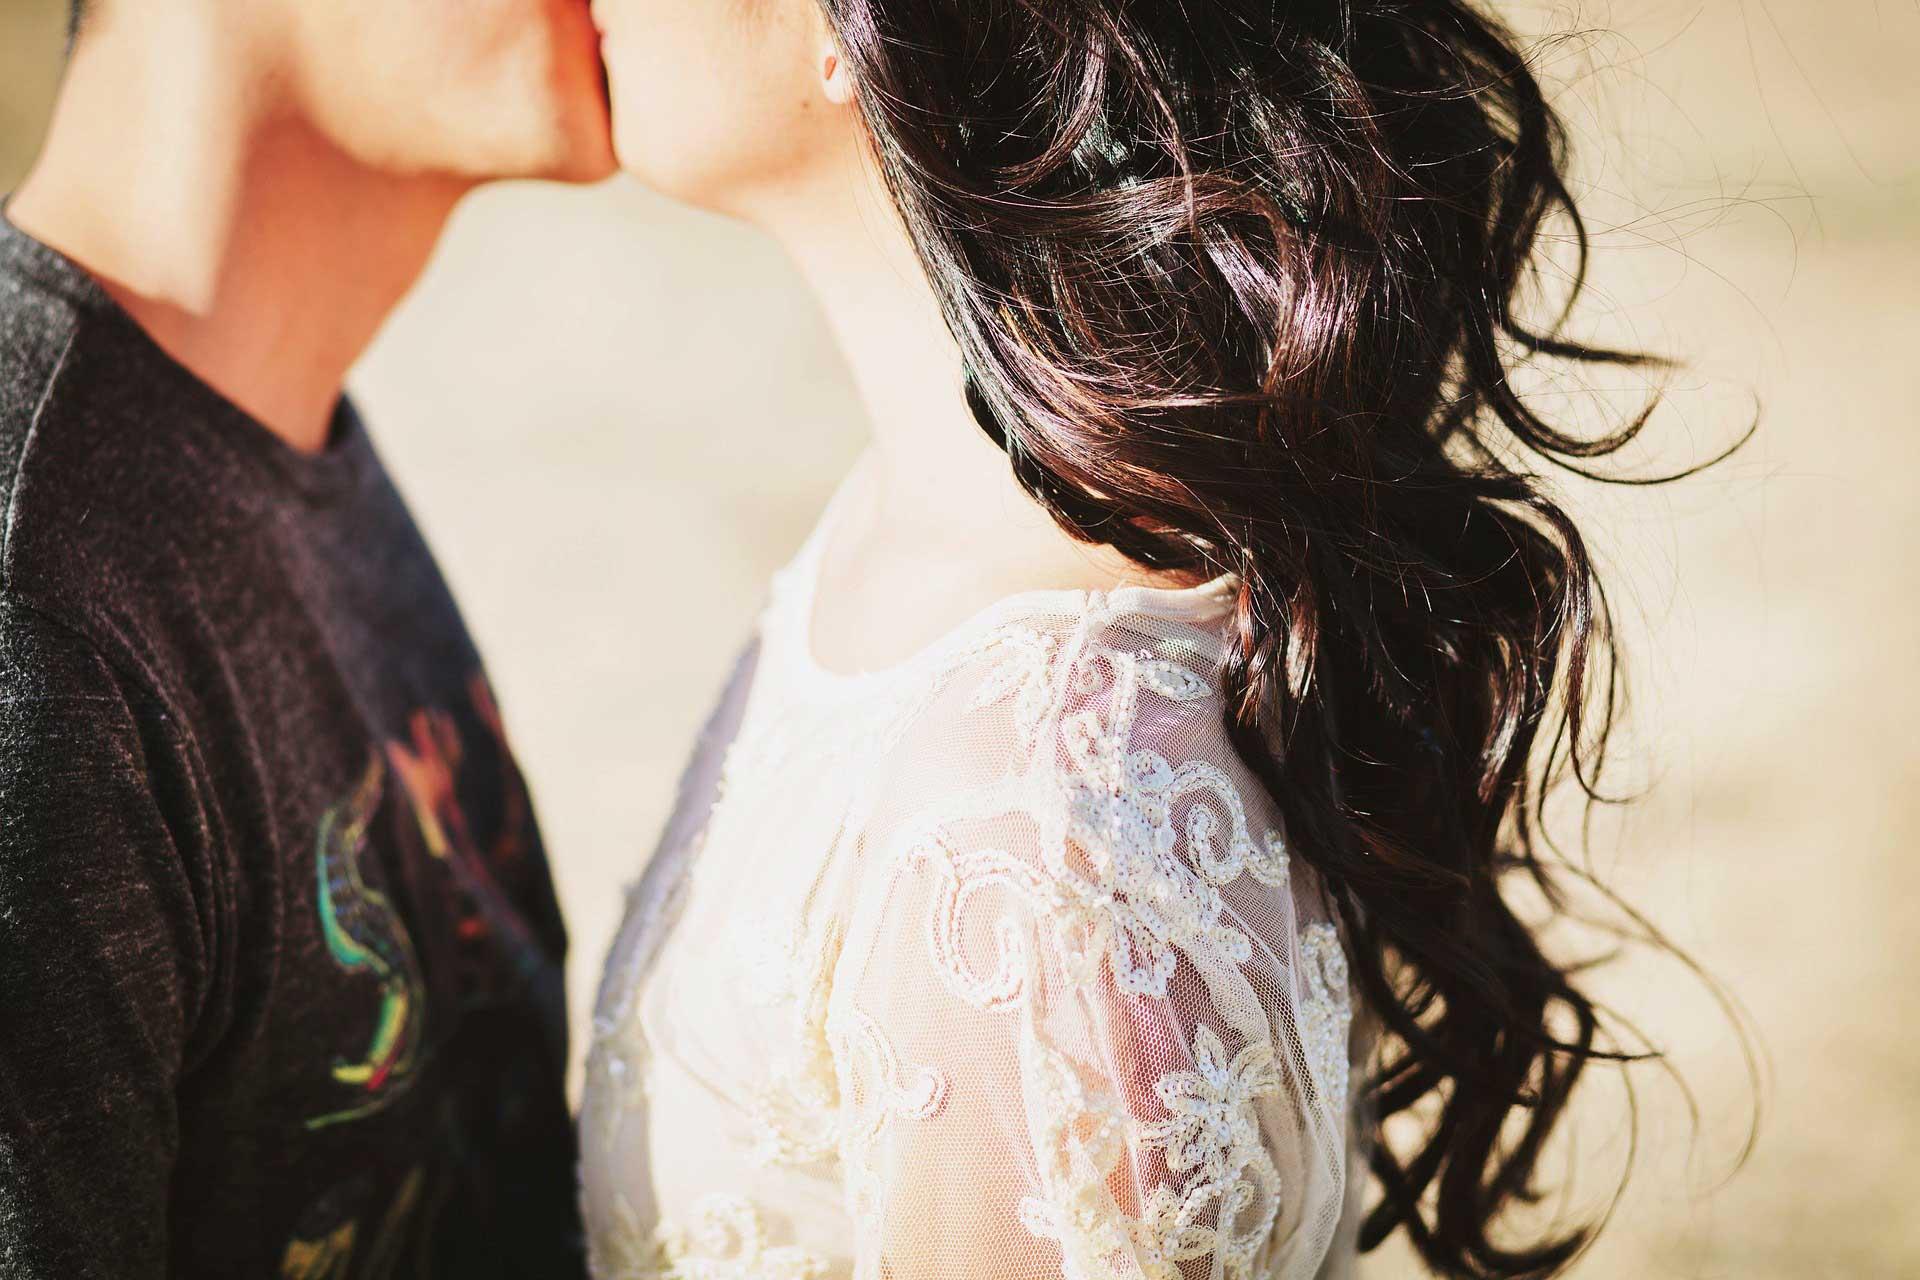 بالصور صور احضان متحركه , اجمل صور لحظات رومانسيه 2147 9